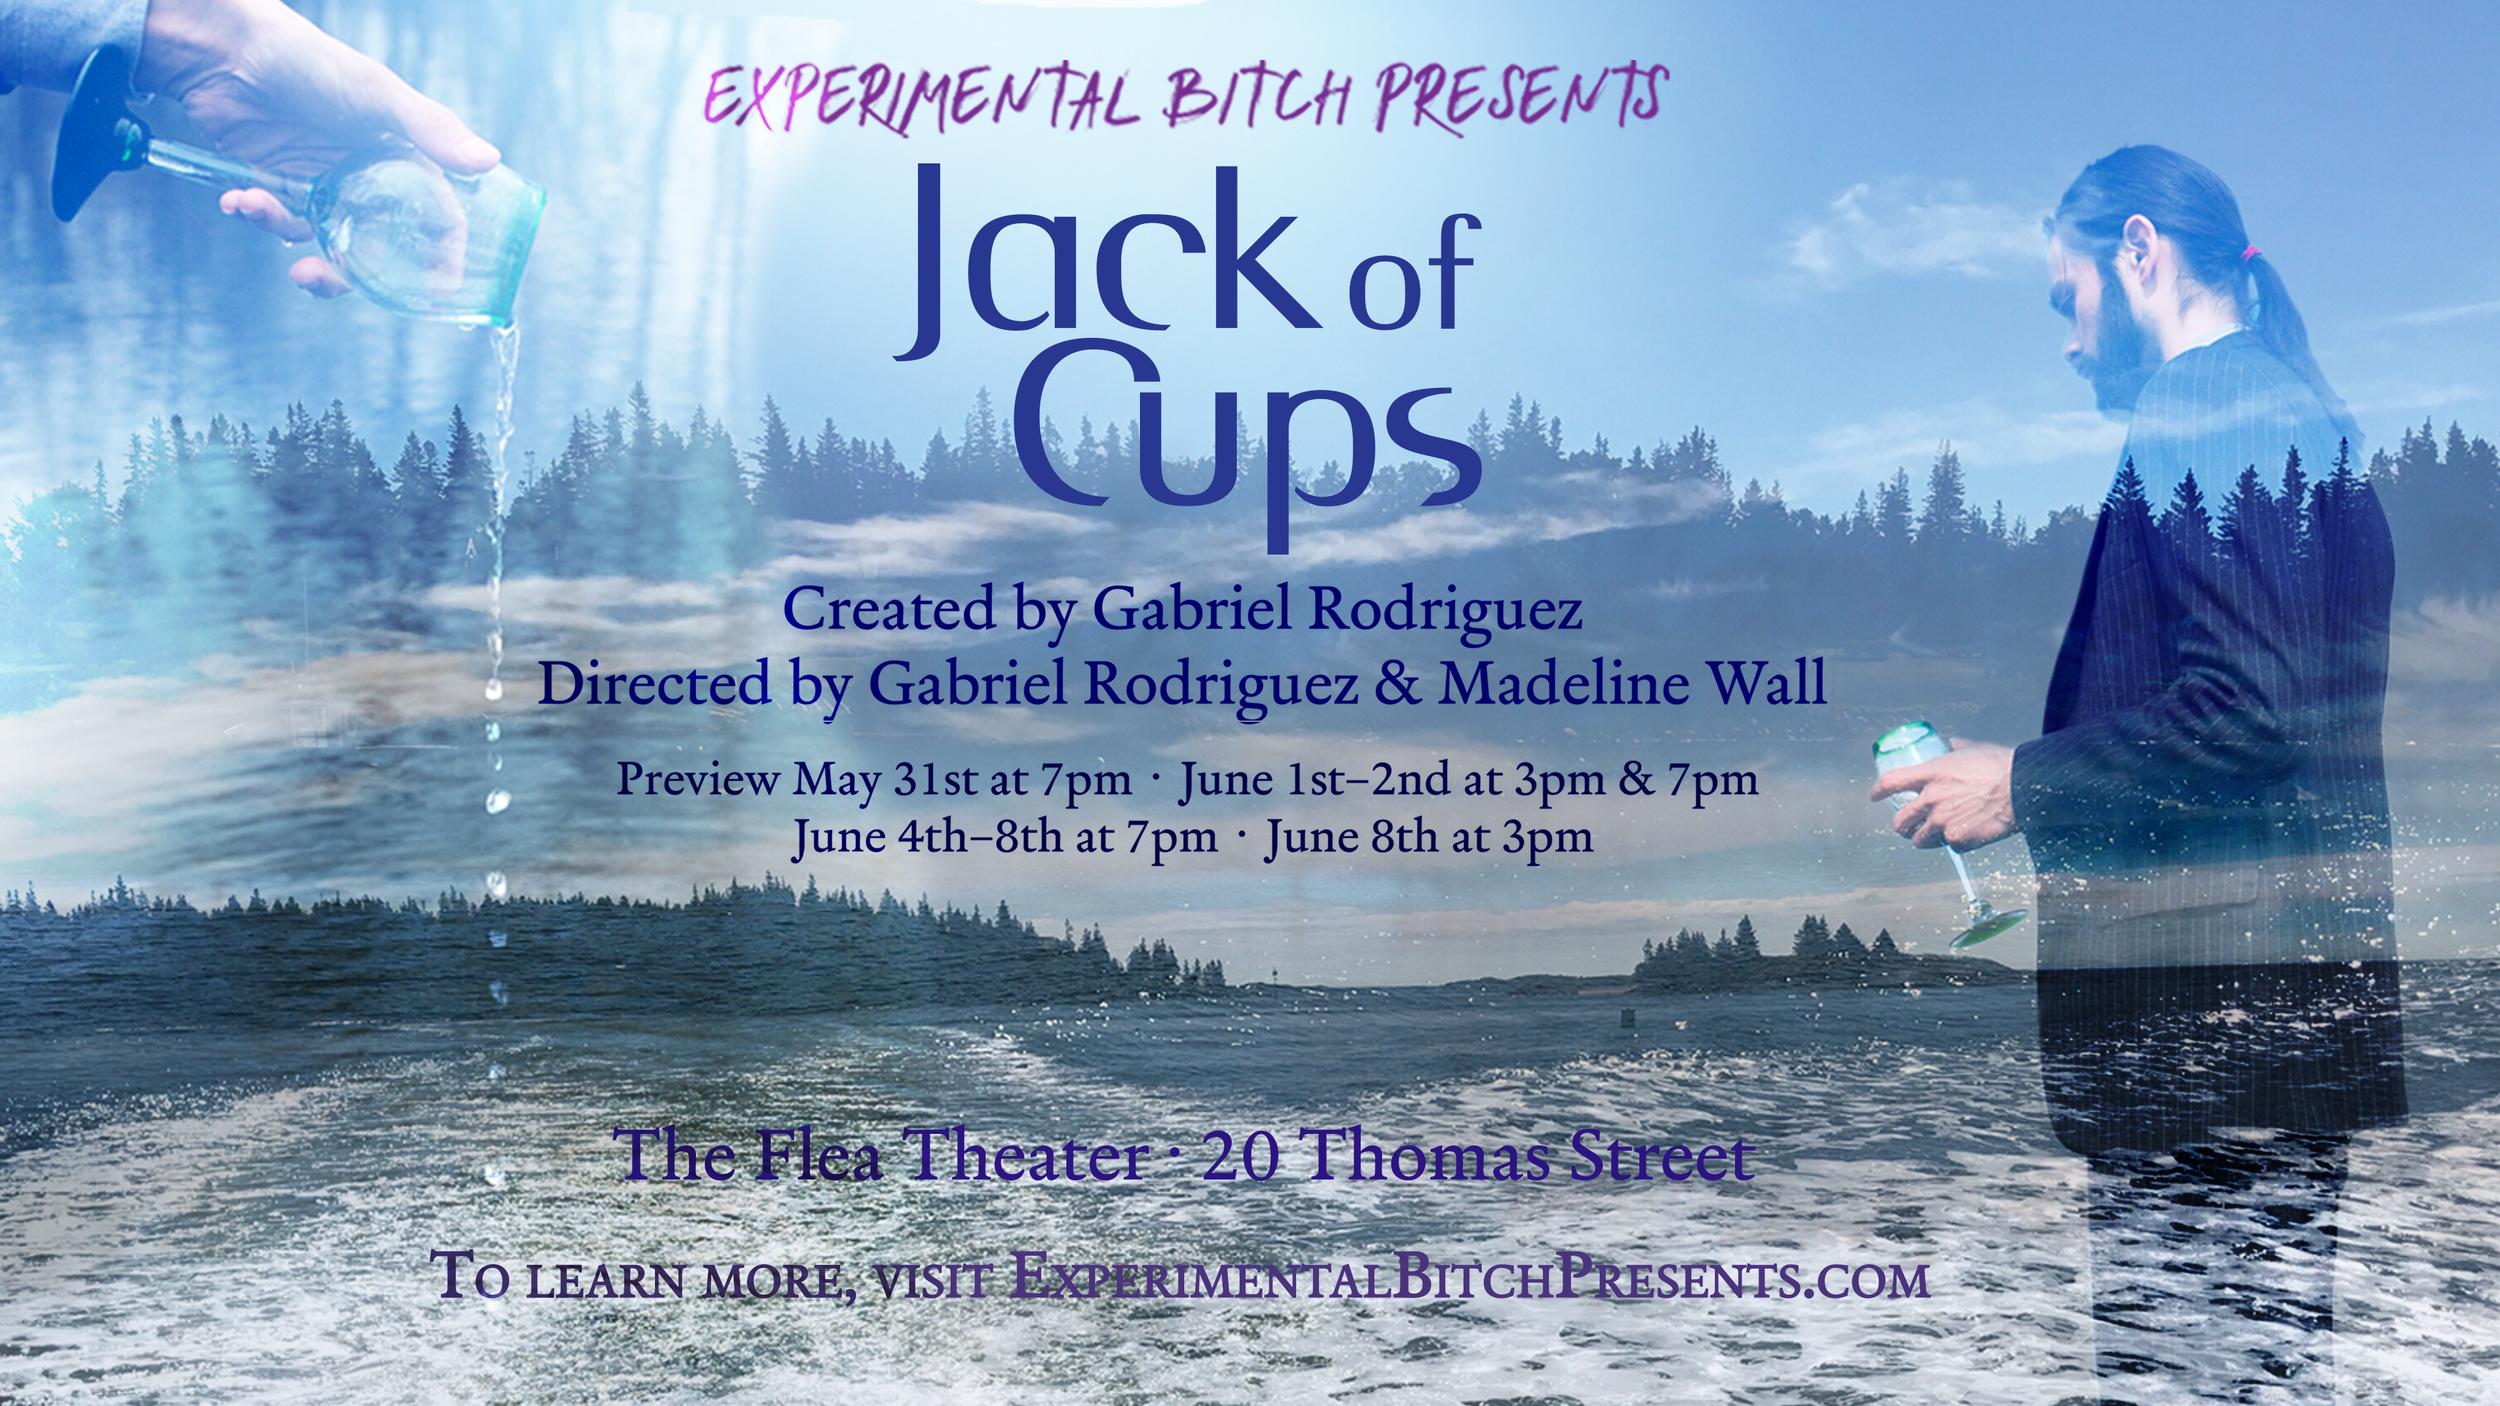 Jack_Of_Cups3_EBP.jpg